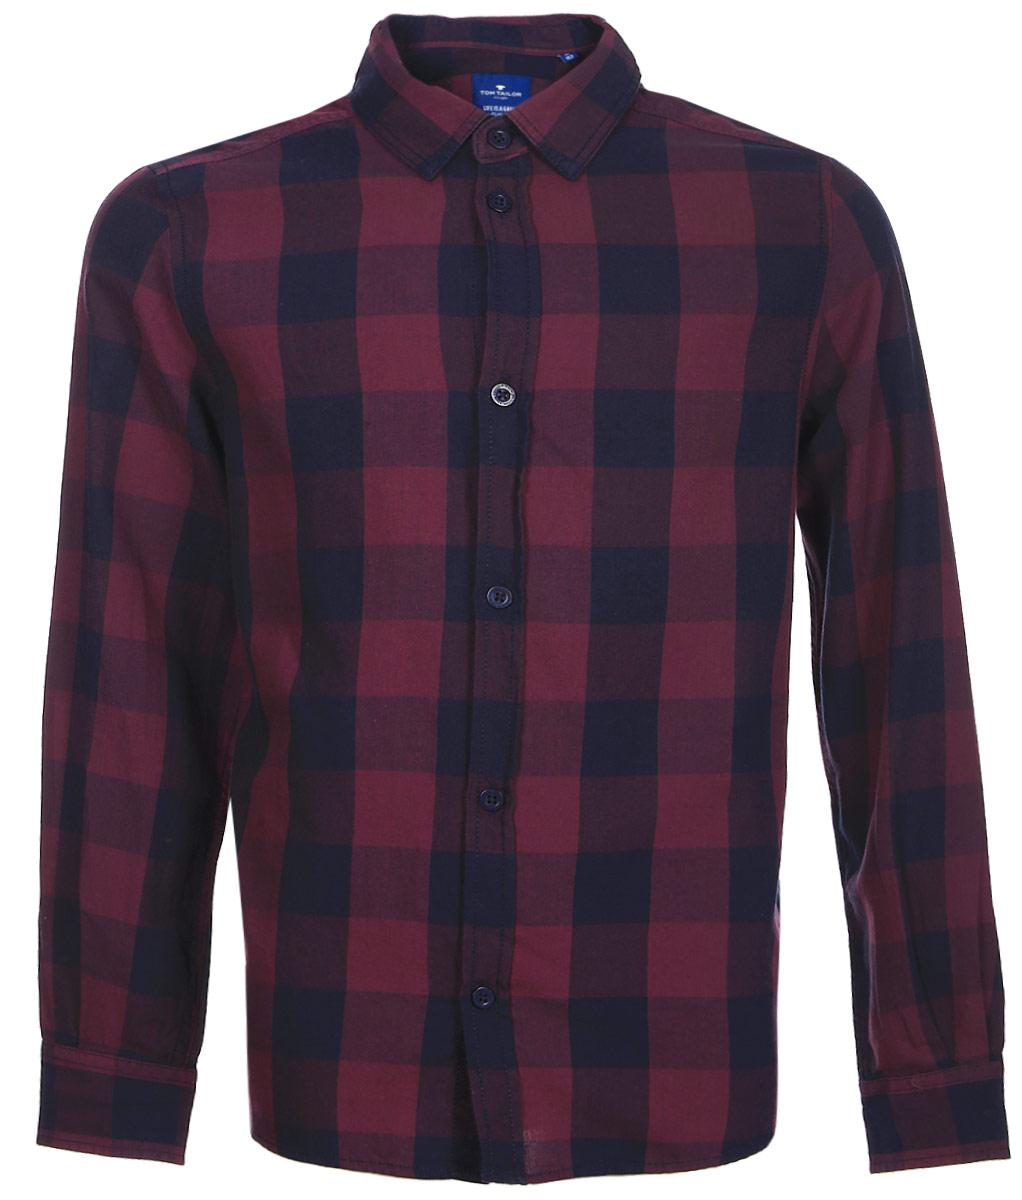 Рубашка для мальчика Tom Tailor, цвет: фиолетовый. 2033676.00.30_5465. Размер 1402033676.00.30_5465Рубашка для мальчика от Tom Tailor выполнена из натурального хлопка. Модель с длинными рукавами и отложным воротником застегивается на пуговицы.